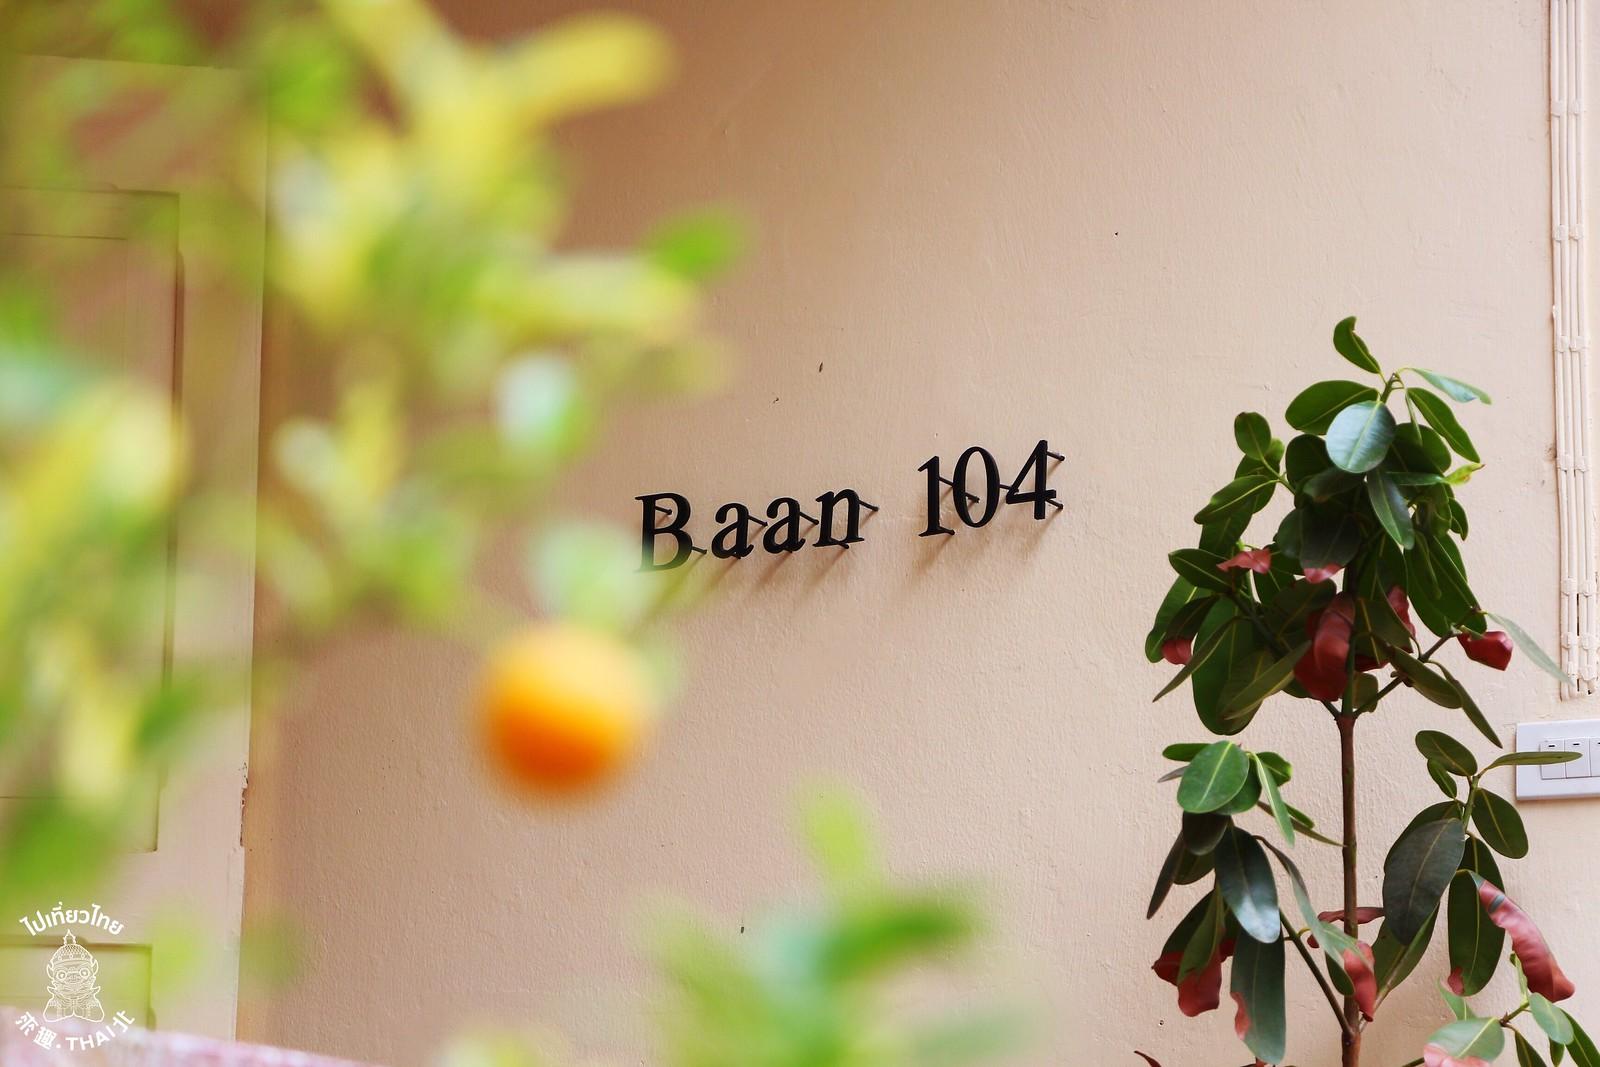 《Baan 104》- 給我那瓦拉路104號